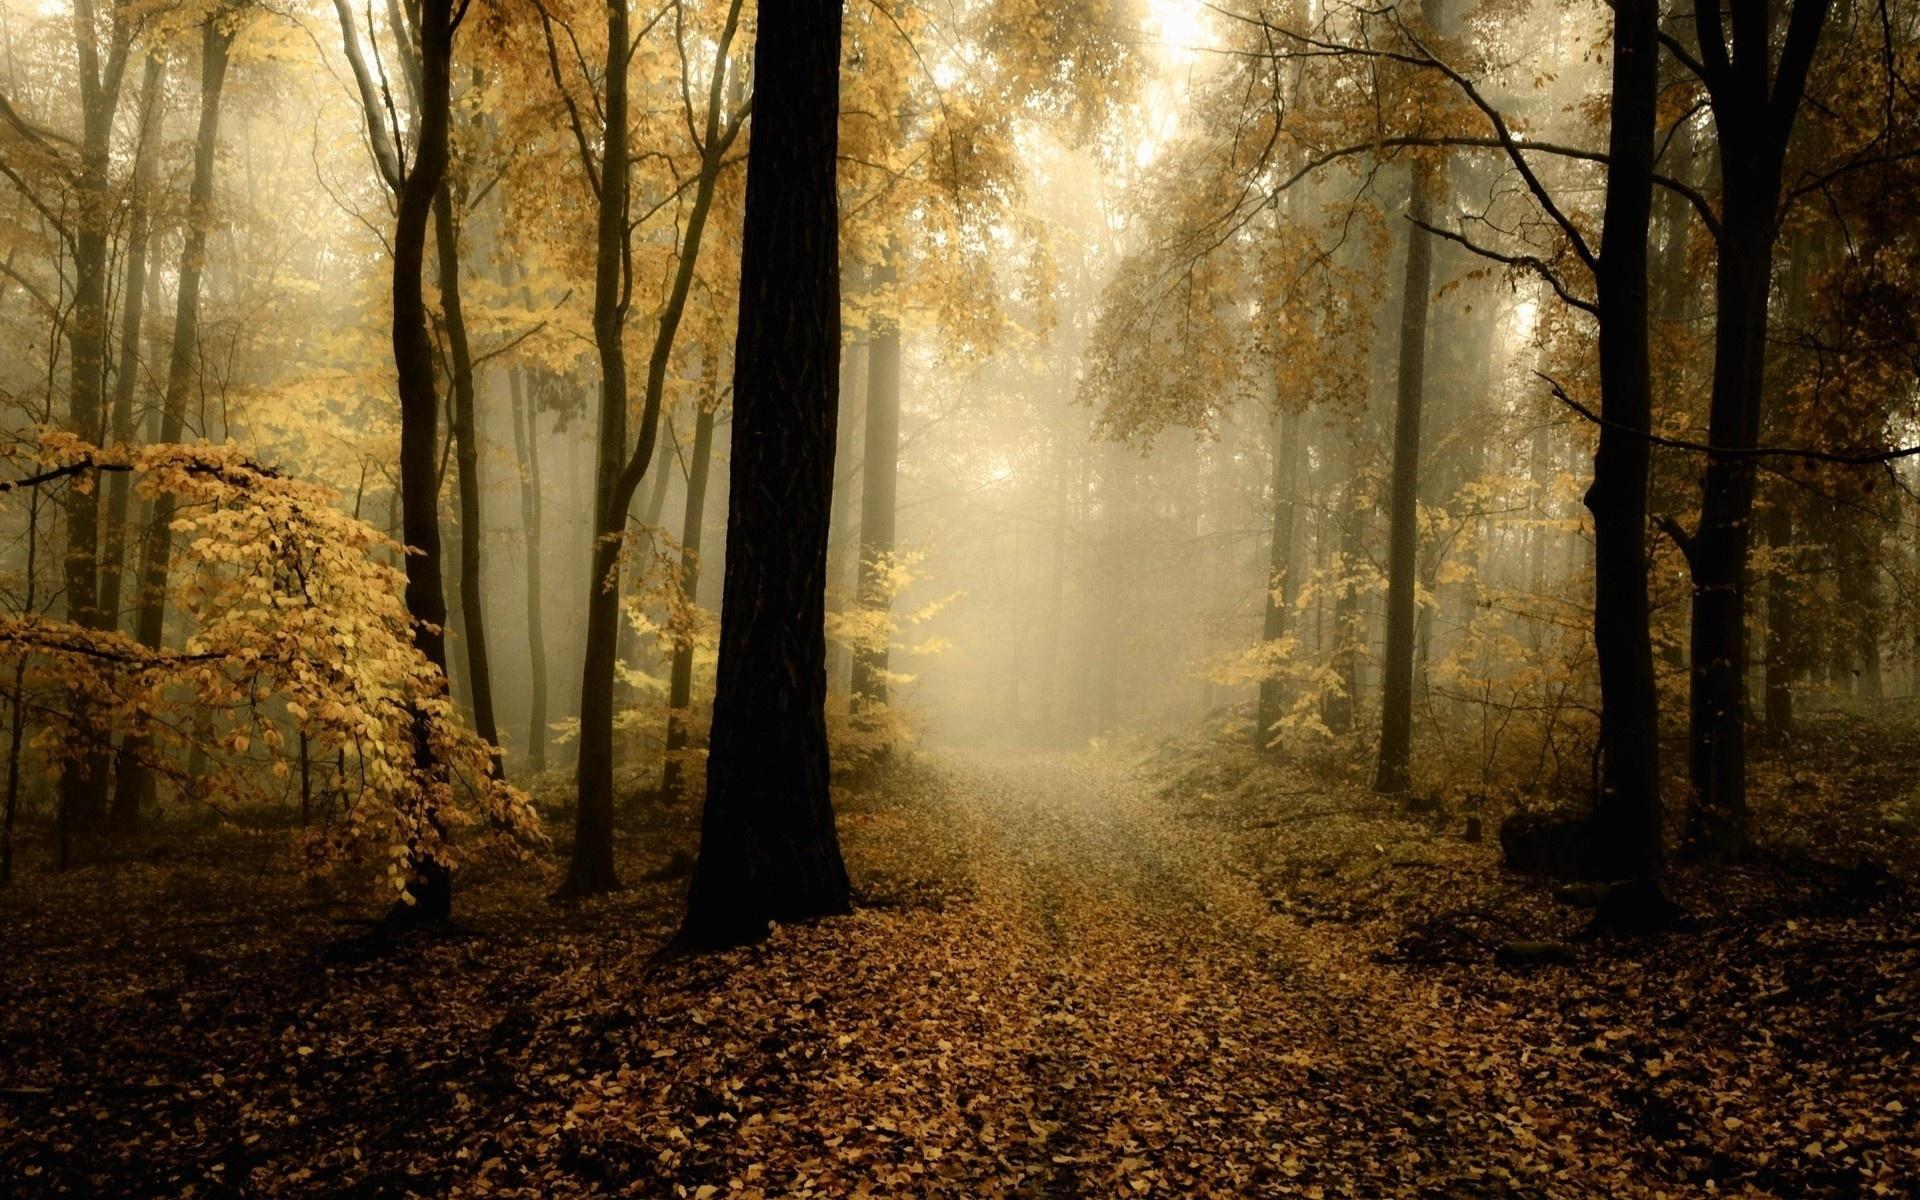 Картинки Дорога, дымка, дерево, деревья, листья фото и обои на рабочий стол